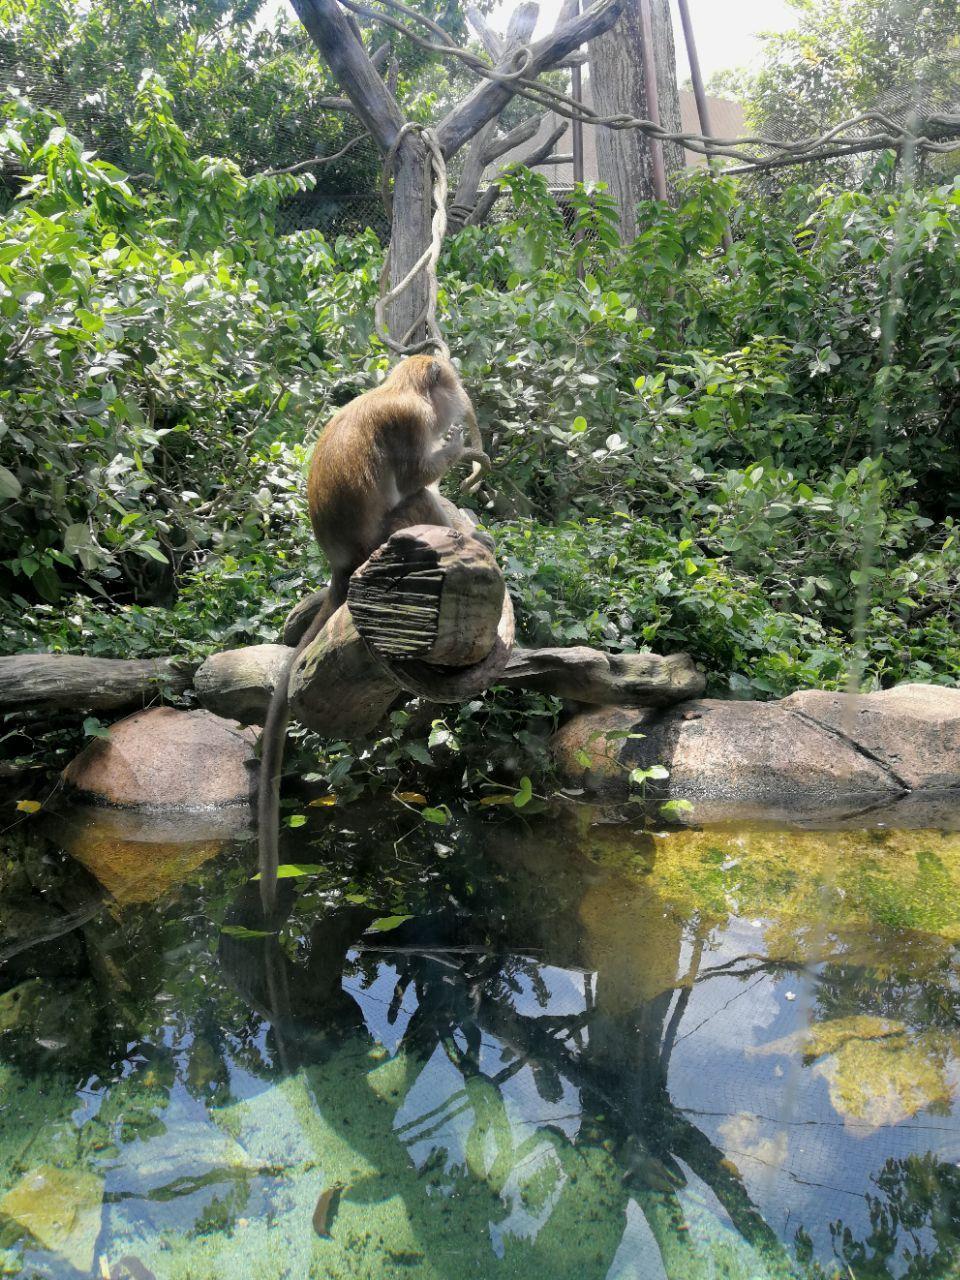 2018新加坡动物园_旅游攻略_门票_地址_游记点评,旅游